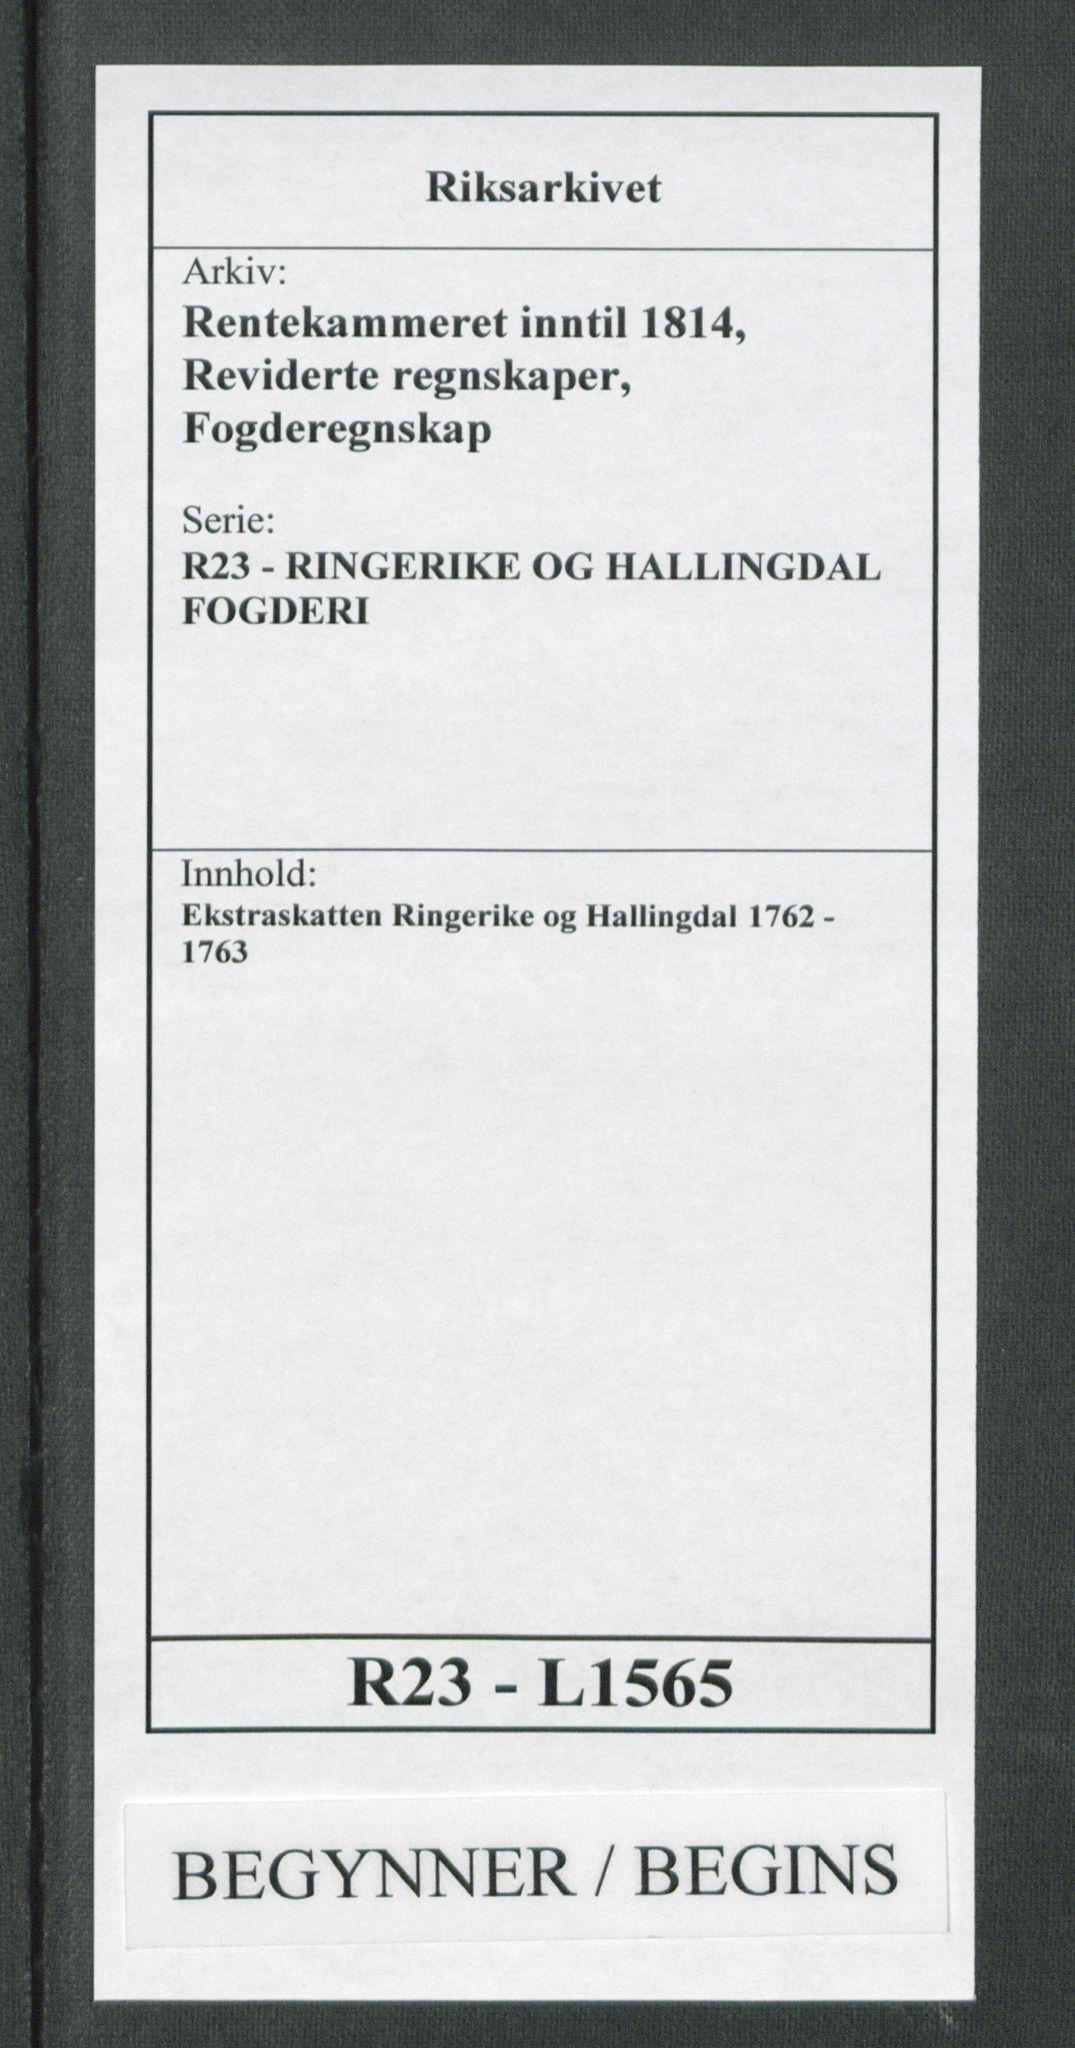 RA, Rentekammeret inntil 1814, Reviderte regnskaper, Fogderegnskap, R23/L1565: Ekstraskatten Ringerike og Hallingdal, 1762-1763, s. 1